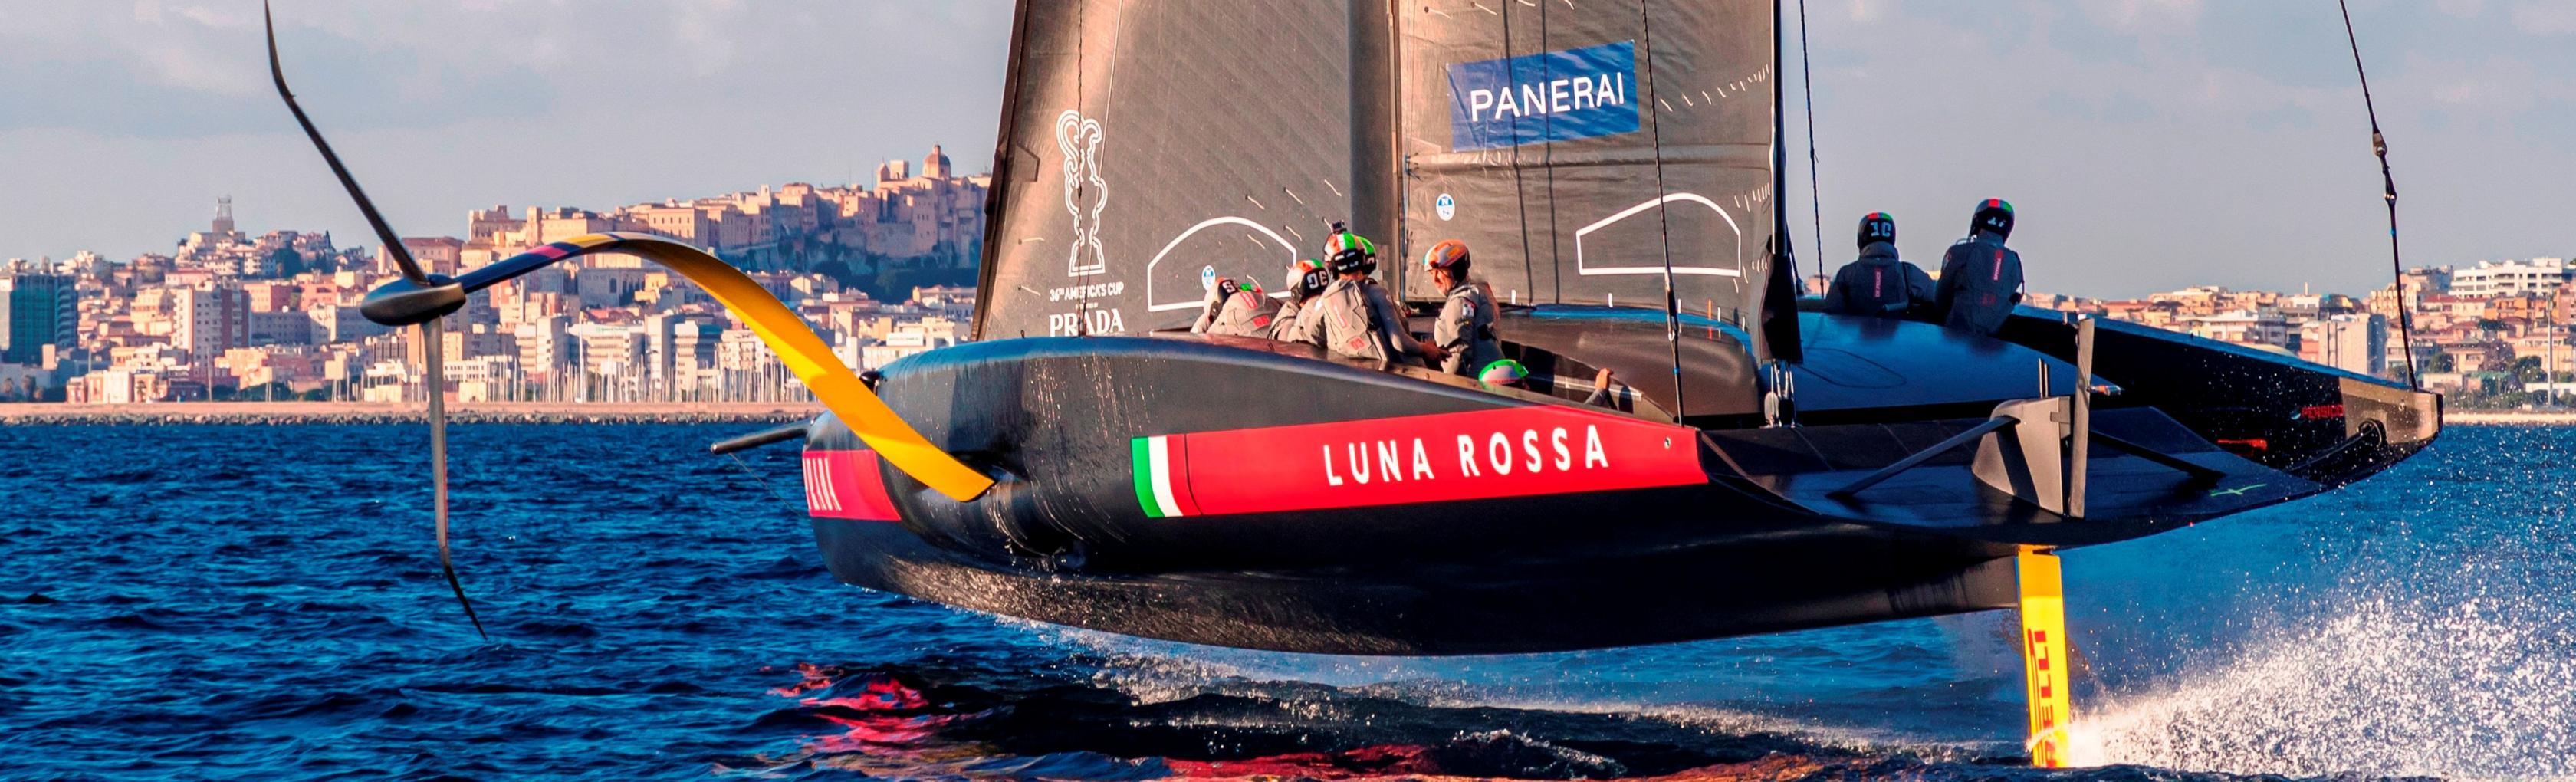 Training di Luna Rossa Rossa con Cagliari sullo sfondo